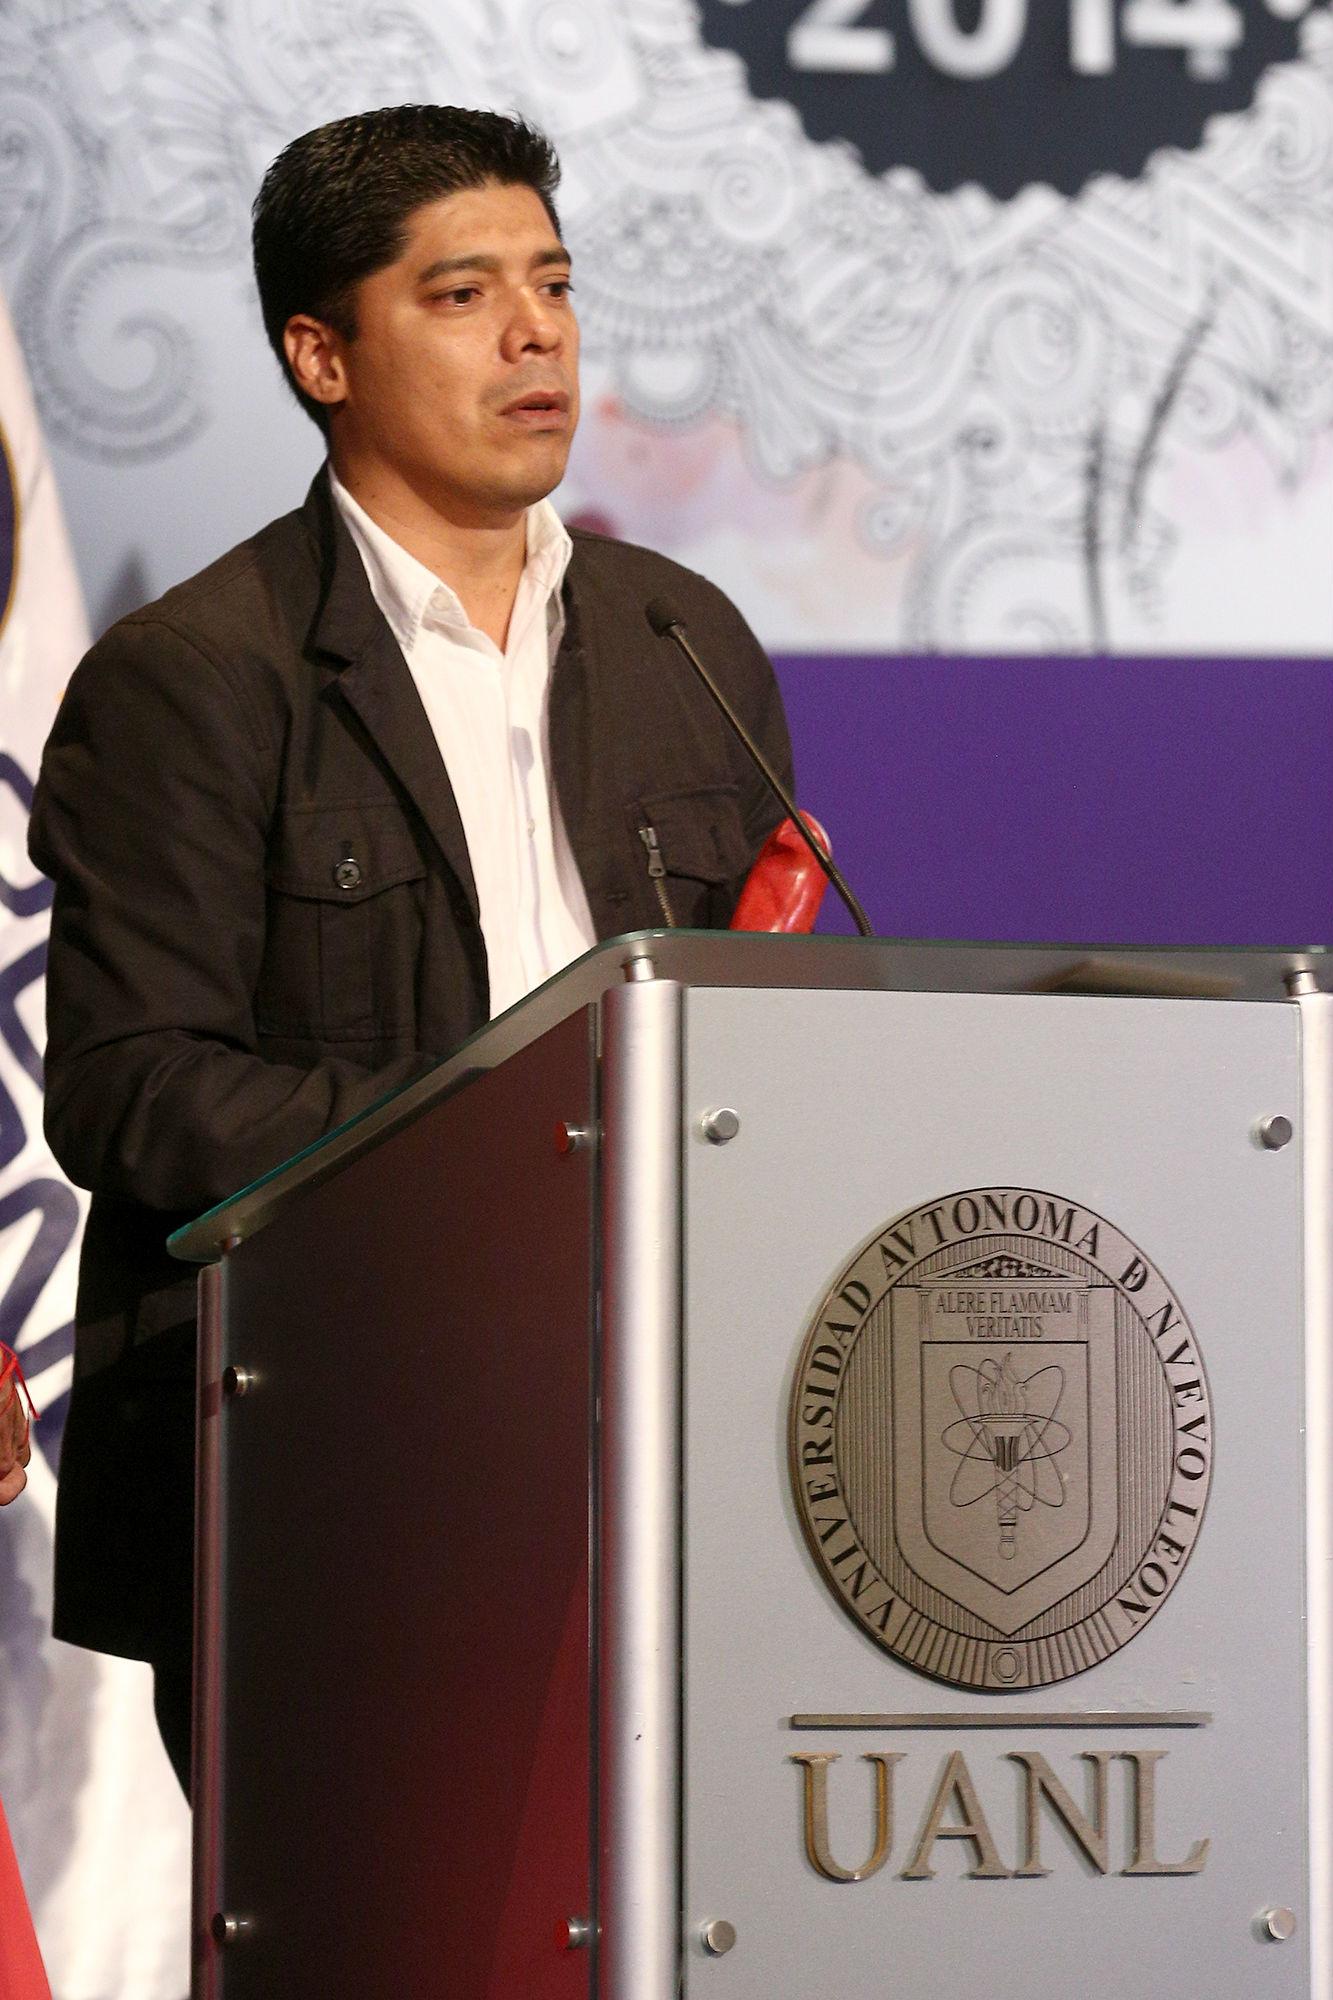 Darío Castillejos Lázcares recibe el premio en la categoría de Caricatura/Humor